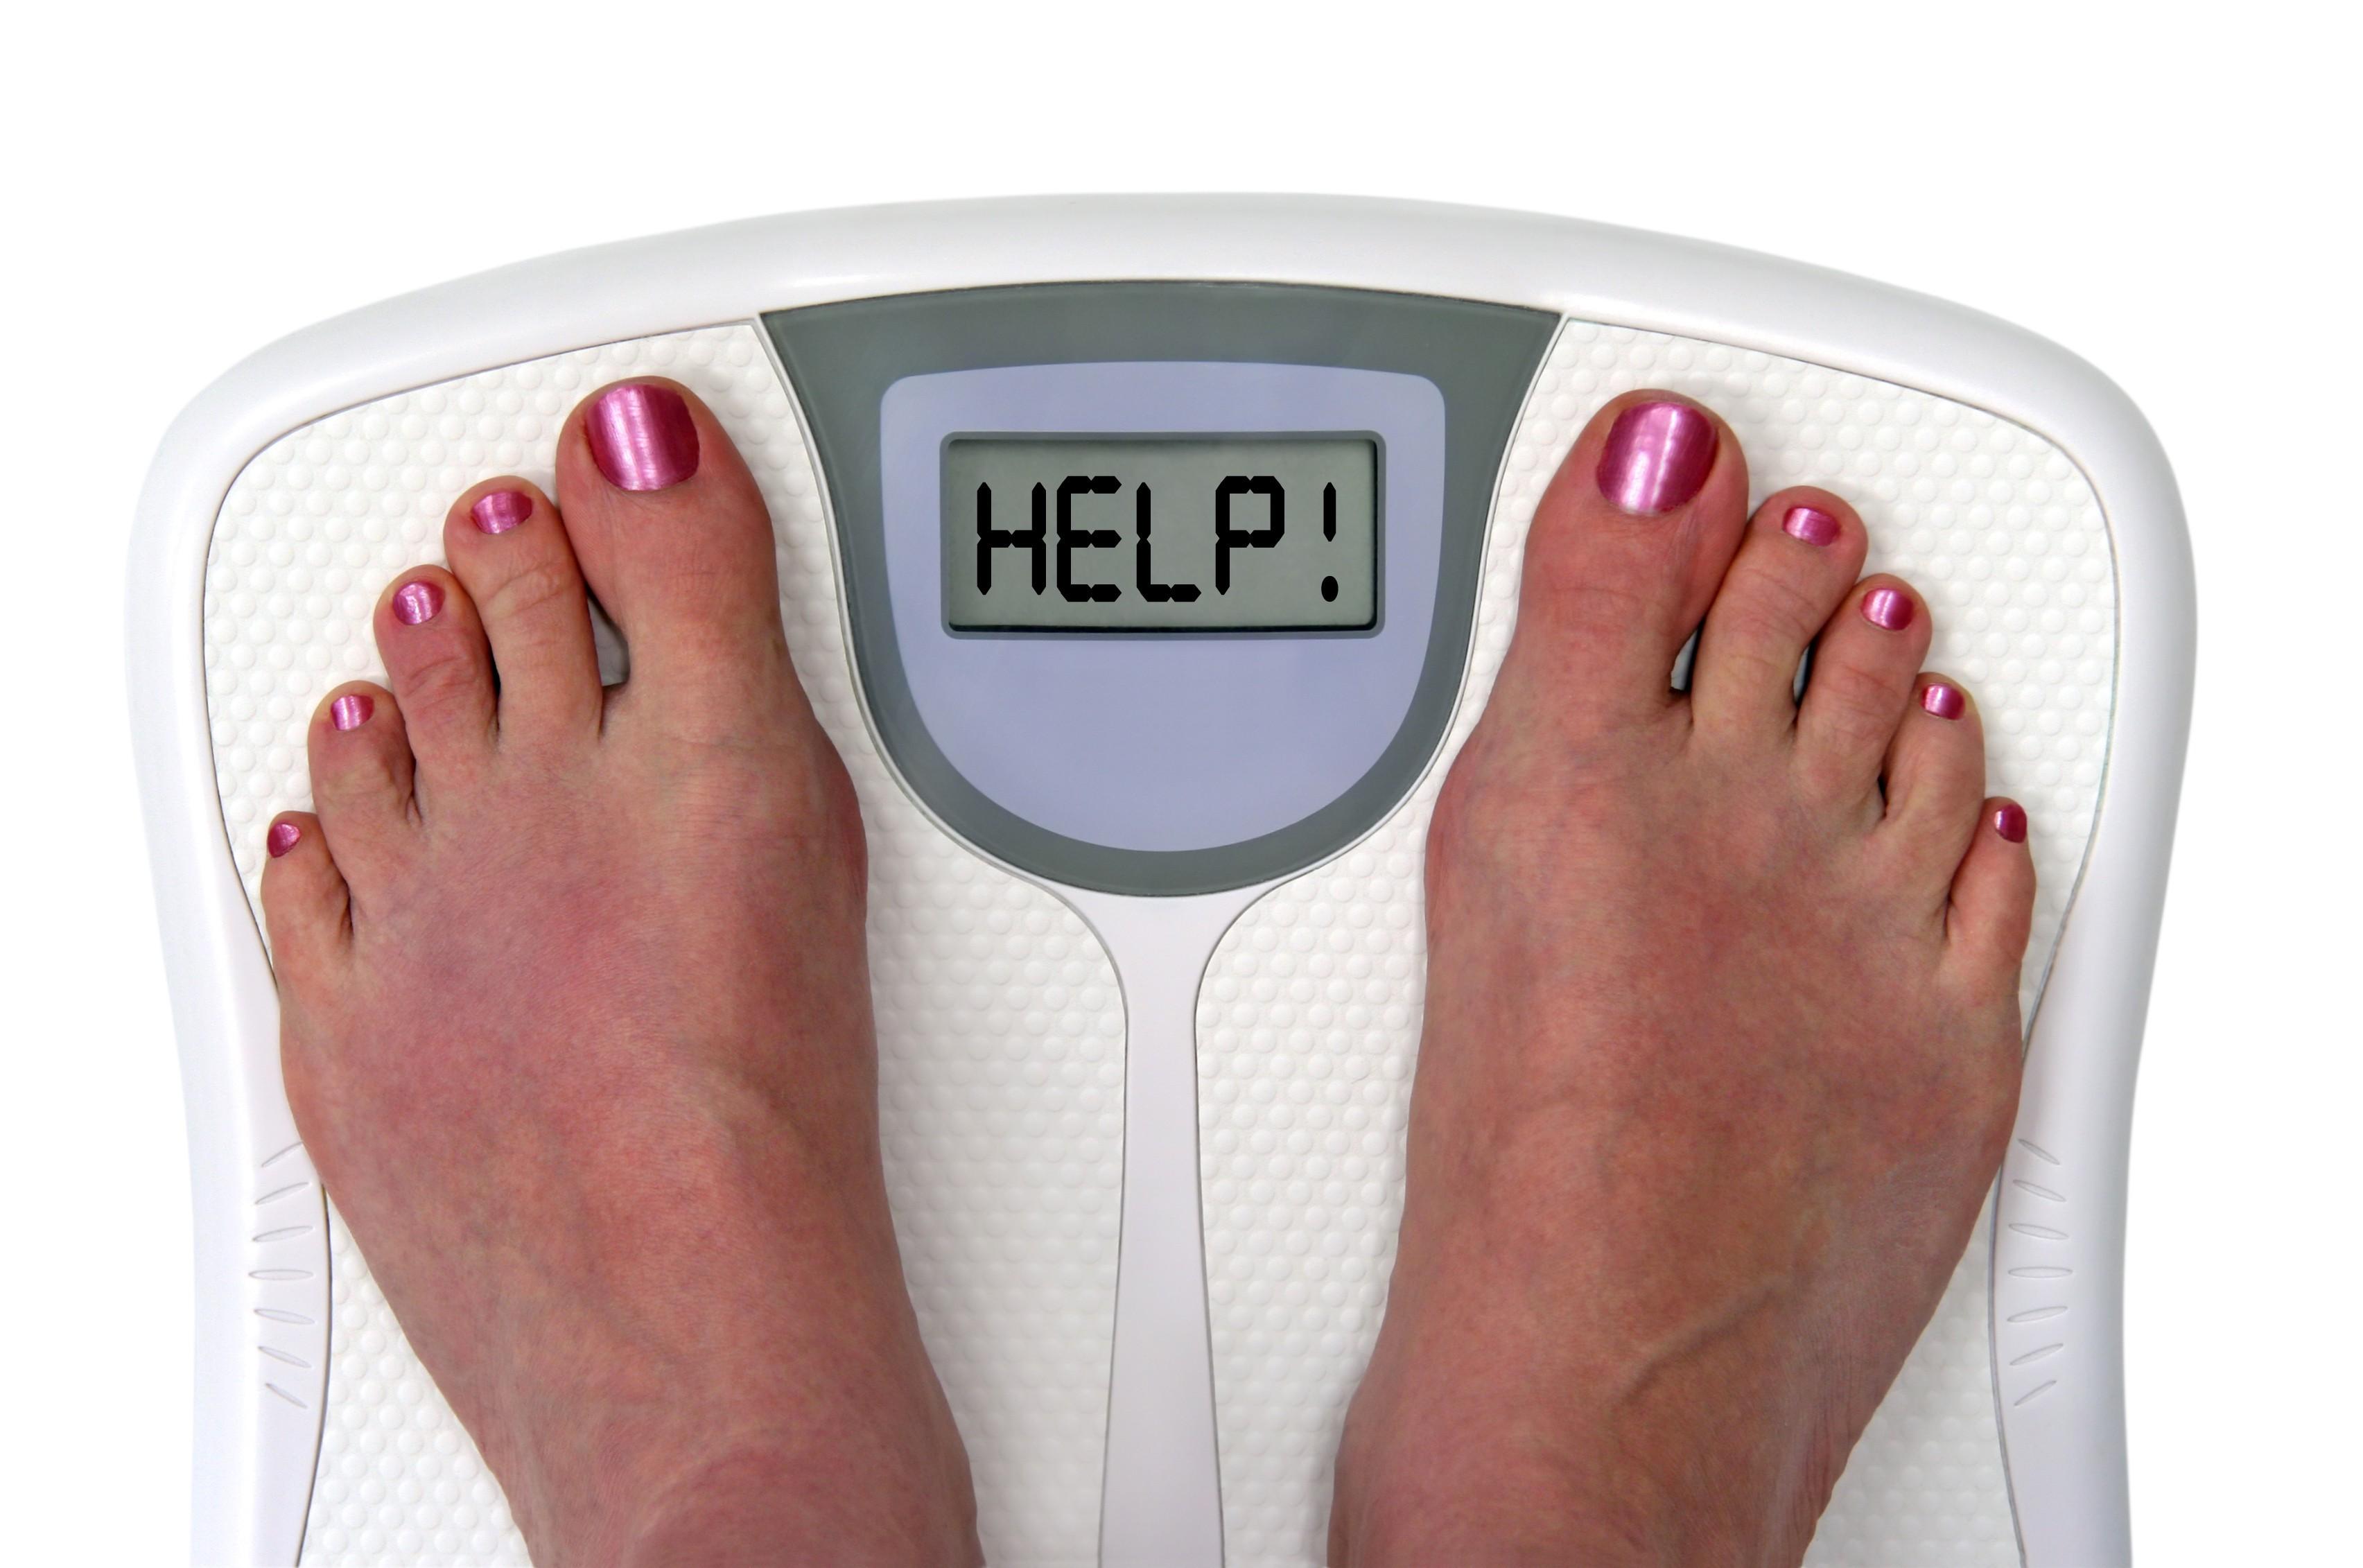 اضافه وزن و چاقی چه خطراتی برای سلامتی بدن شما دارد؟